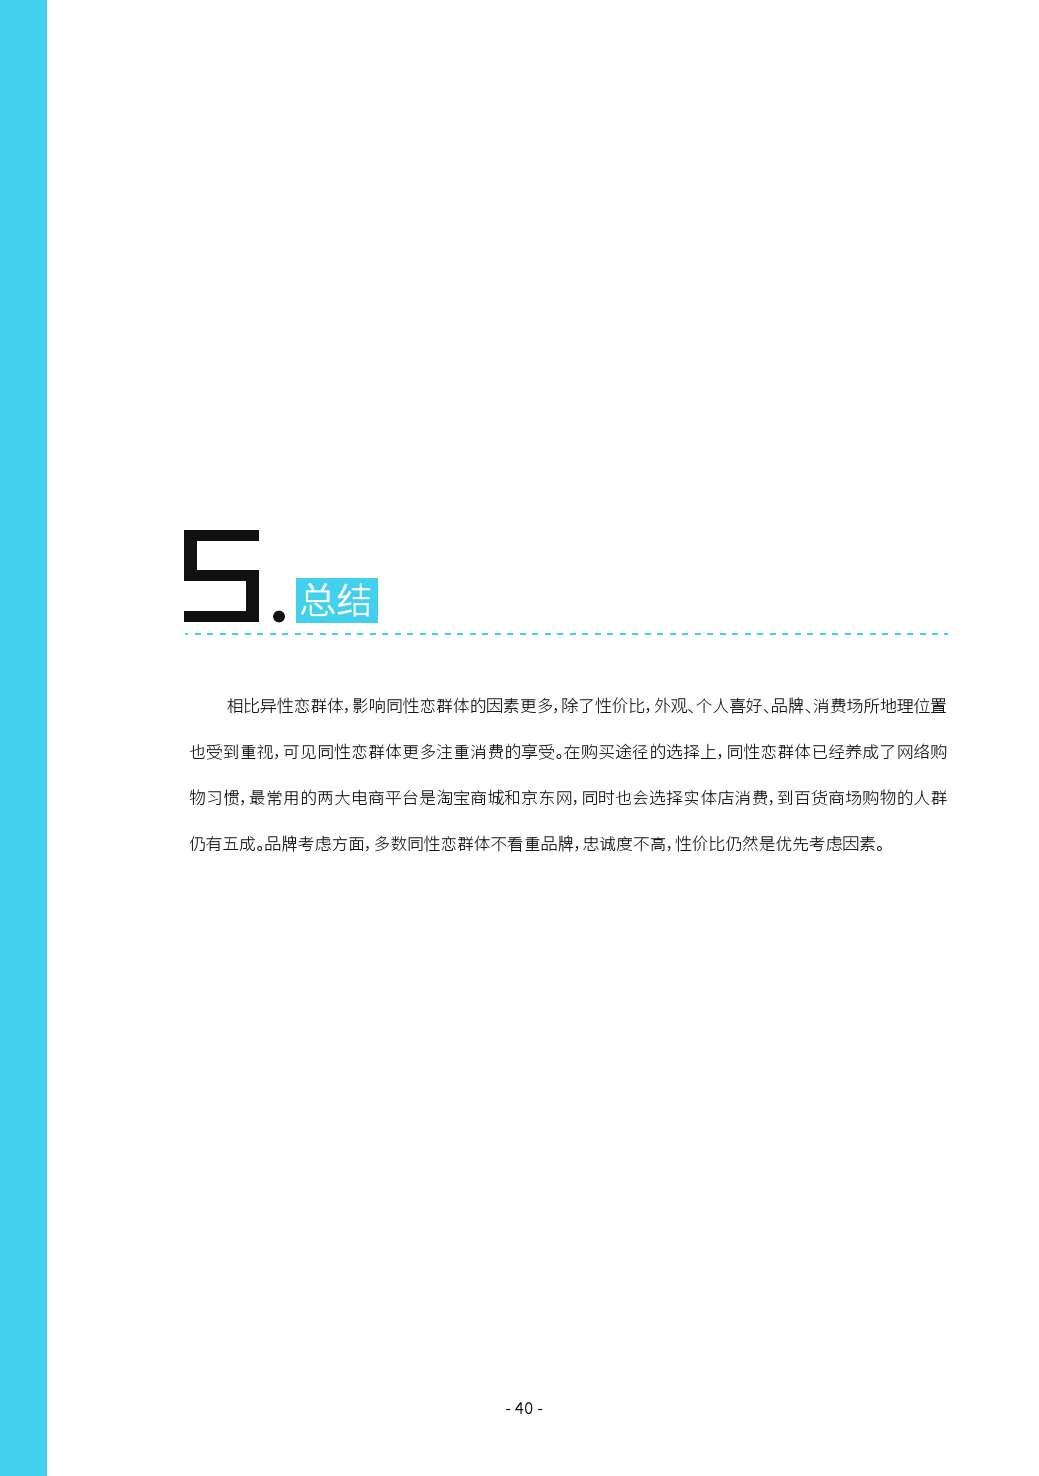 第二届中国LGBT群体消费调查报告_000040